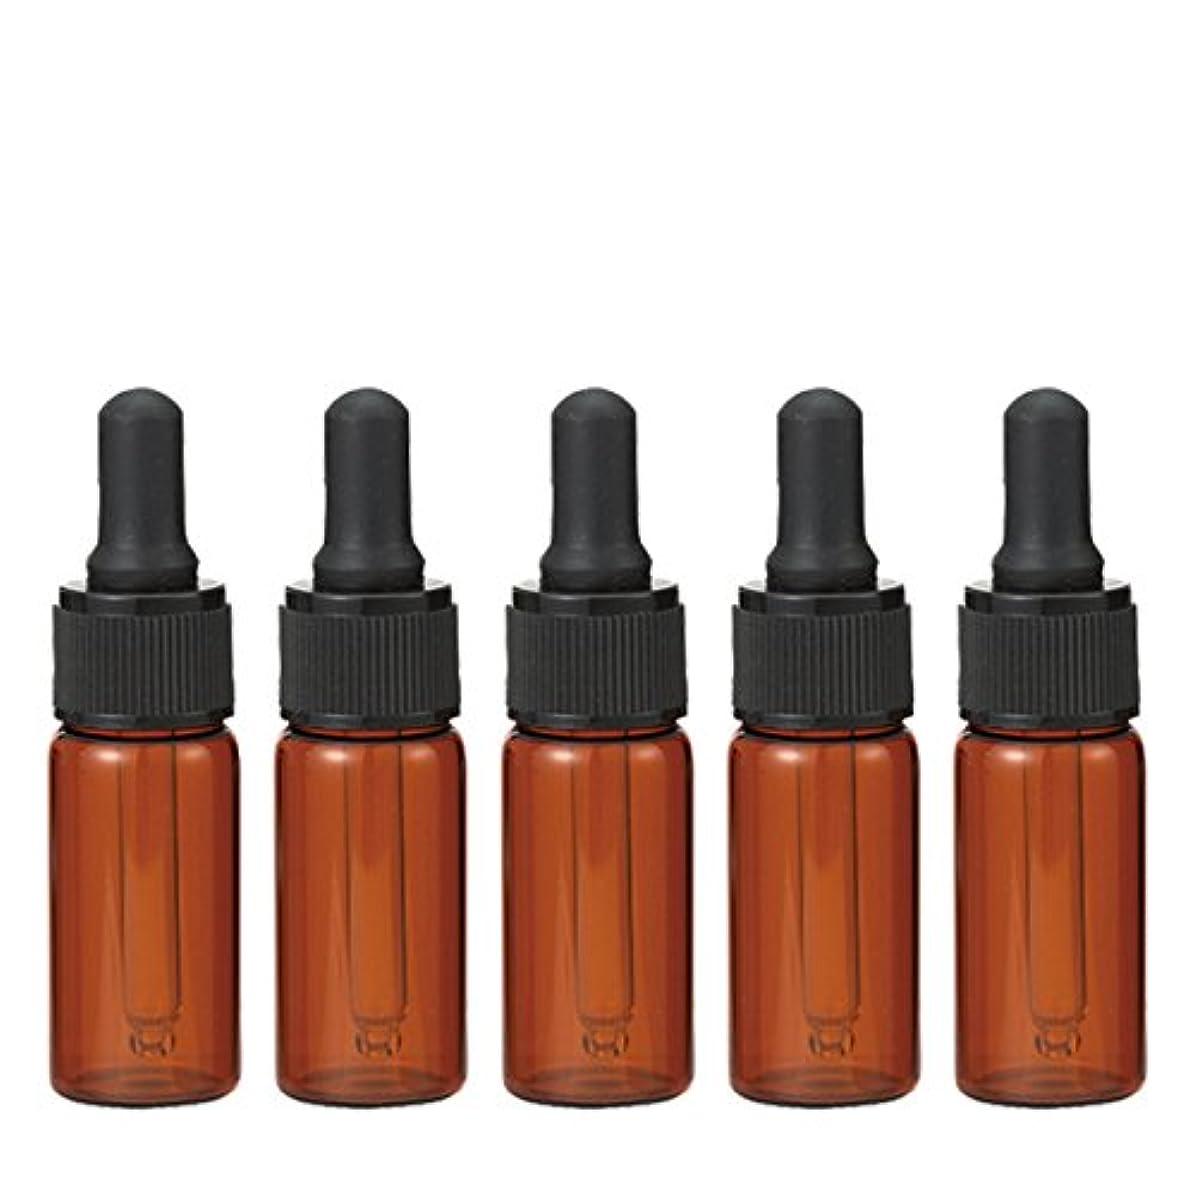 罹患率ラッチ顔料生活の木 茶色遮光スポイト瓶 10ml (5本セット)